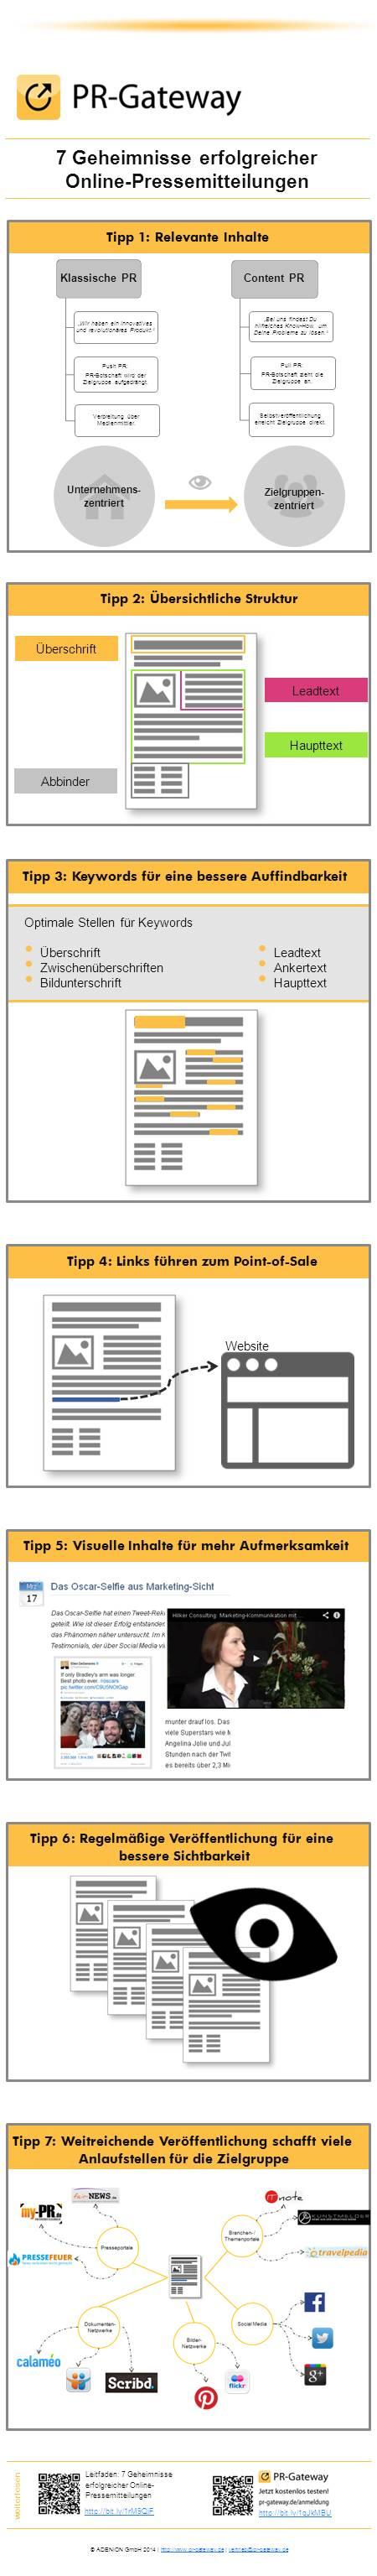 7 Tipps für erfolgreiche Online-Pressemitteilungen